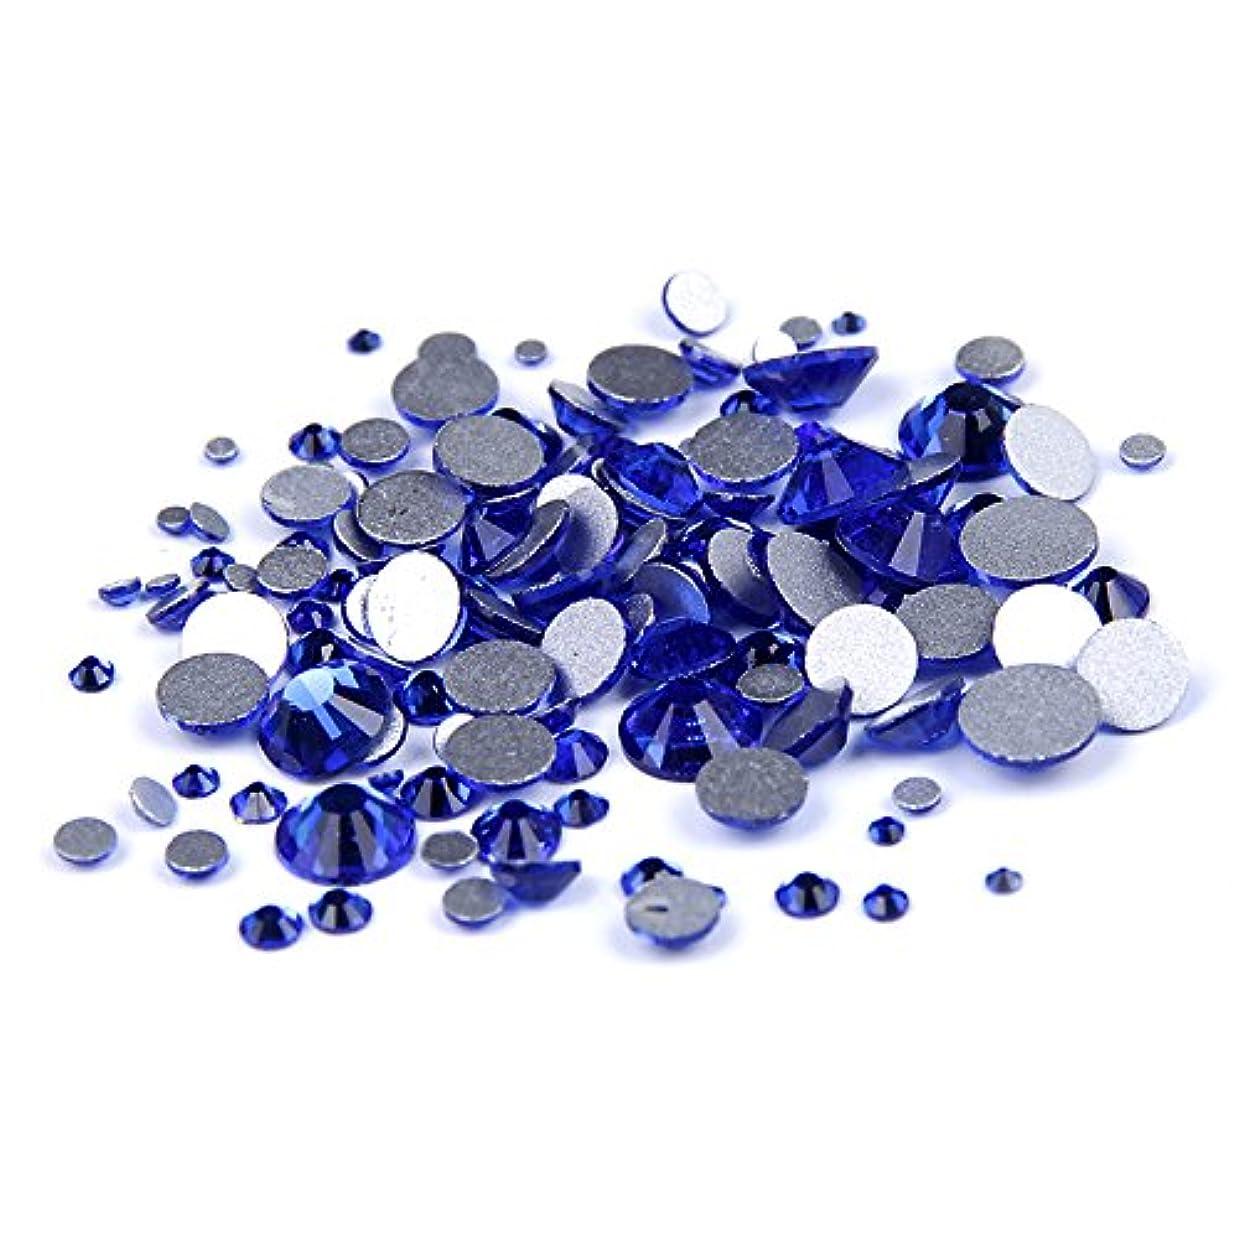 準備四回手綱Nizi ジュエリー ブランド カップリブルー ラインストーン は ガラスの材質 ネイル使用 型番ss3-ss34 (混合サイズ 1000pcs)